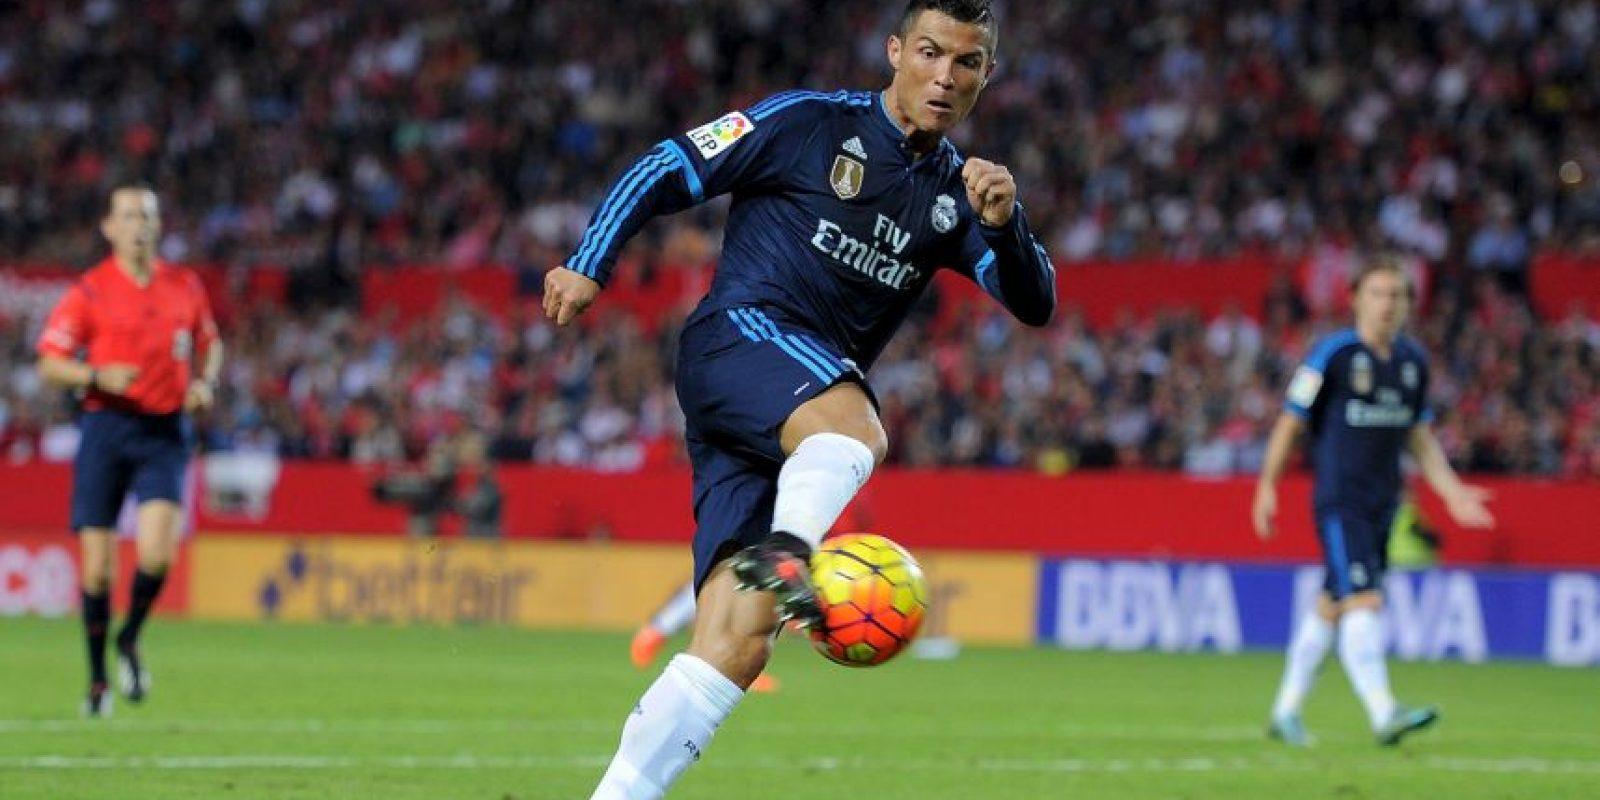 En la actual temporada suma 14 goles, uno menos que Luis Suárez, máximo goleador de la Liga de España Foto:Getty Images